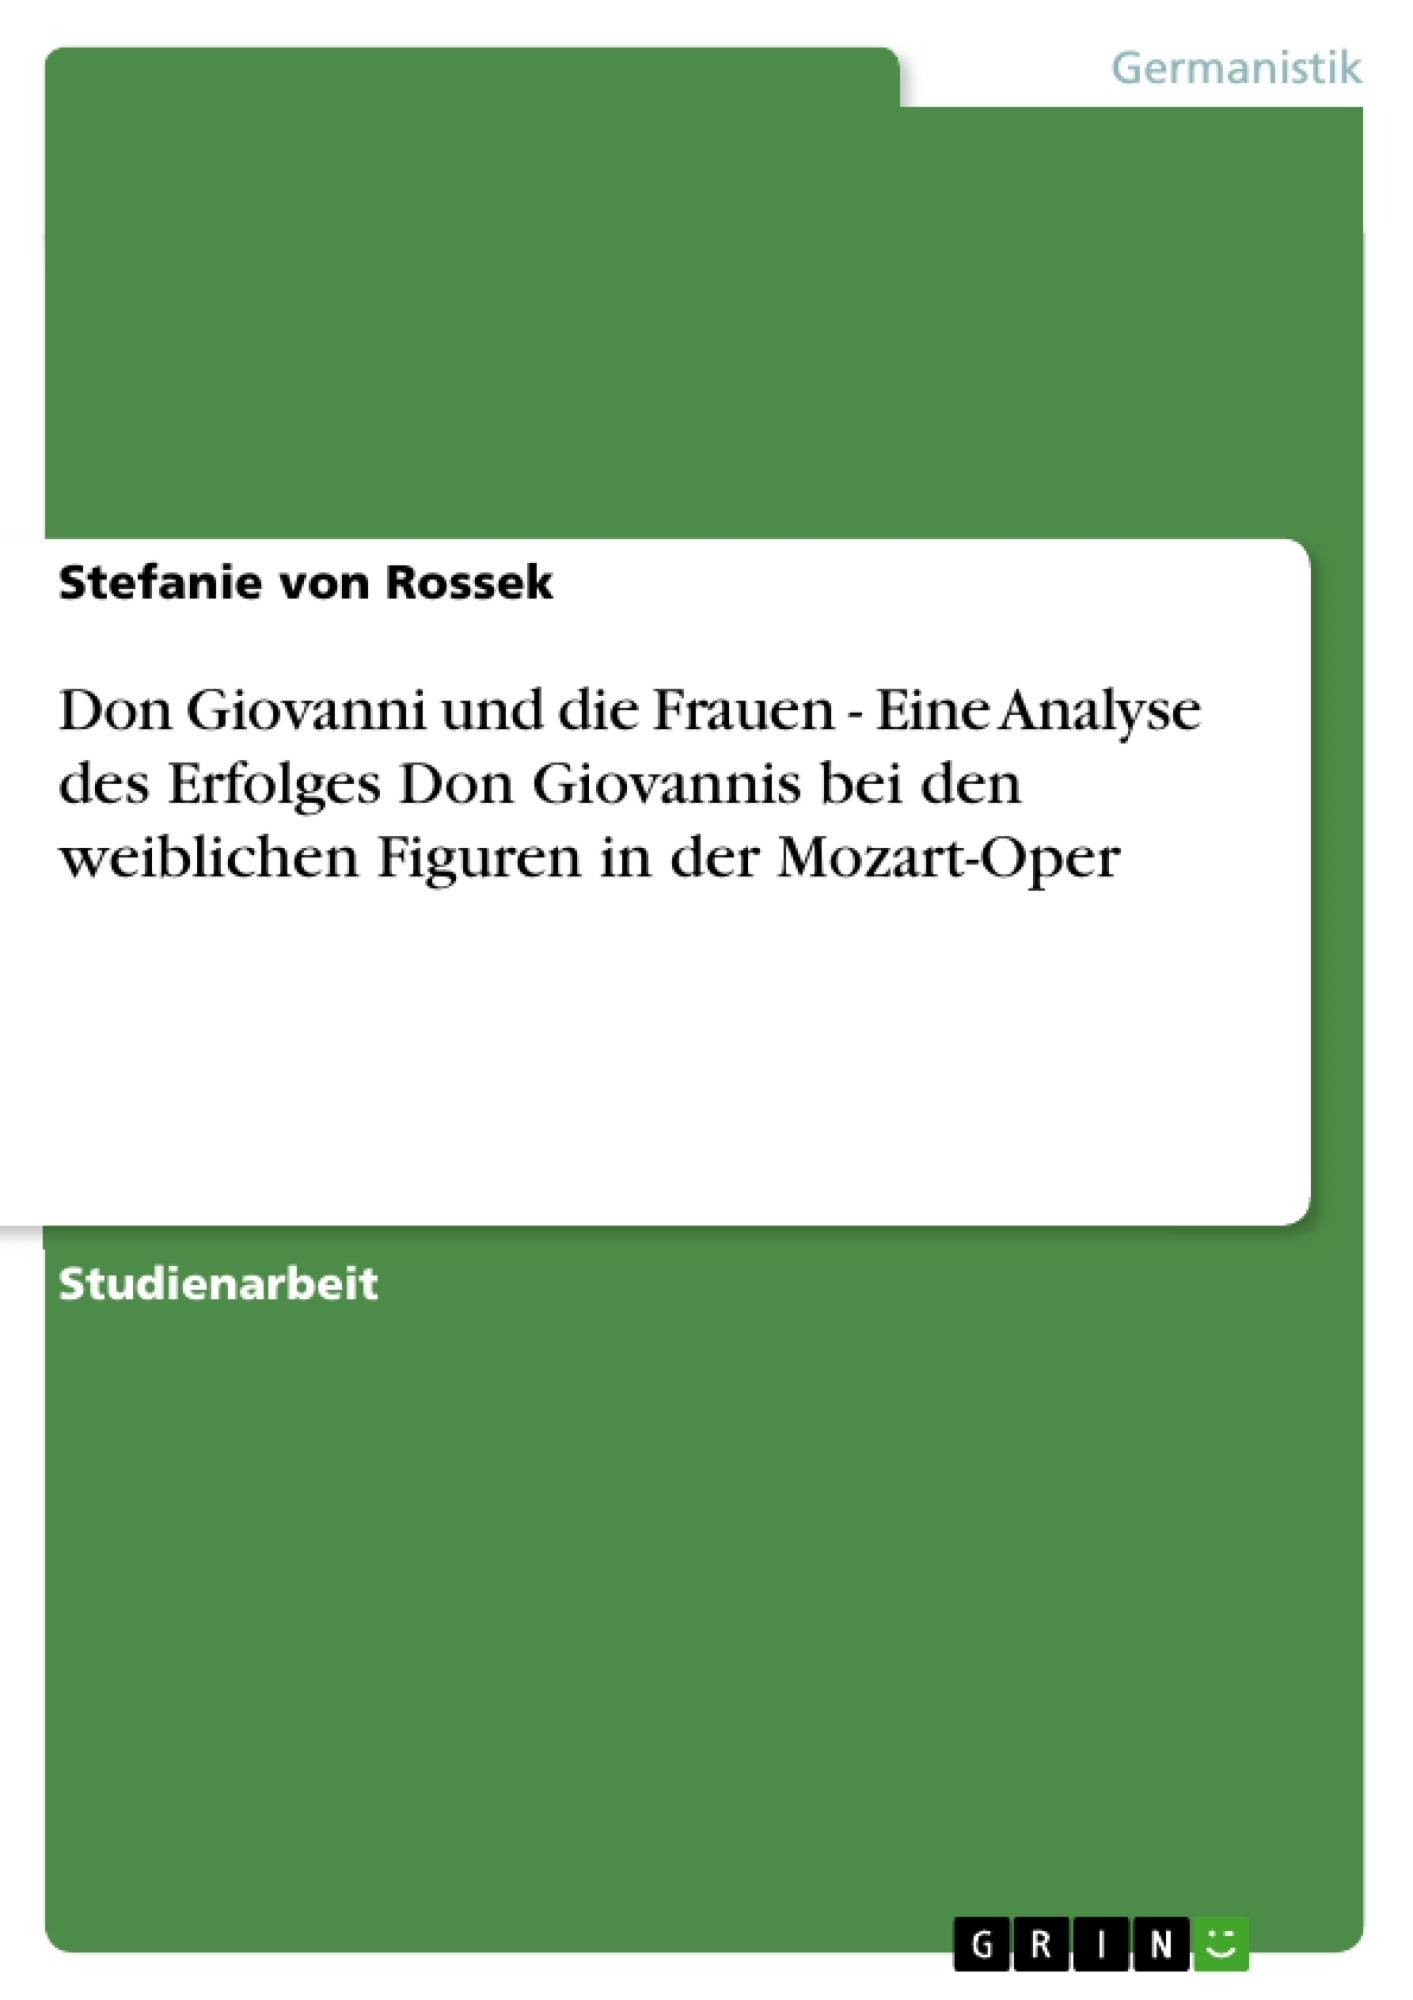 Titel: Don Giovanni und die Frauen - Eine Analyse des Erfolges Don Giovannis bei den weiblichen Figuren in der Mozart-Oper